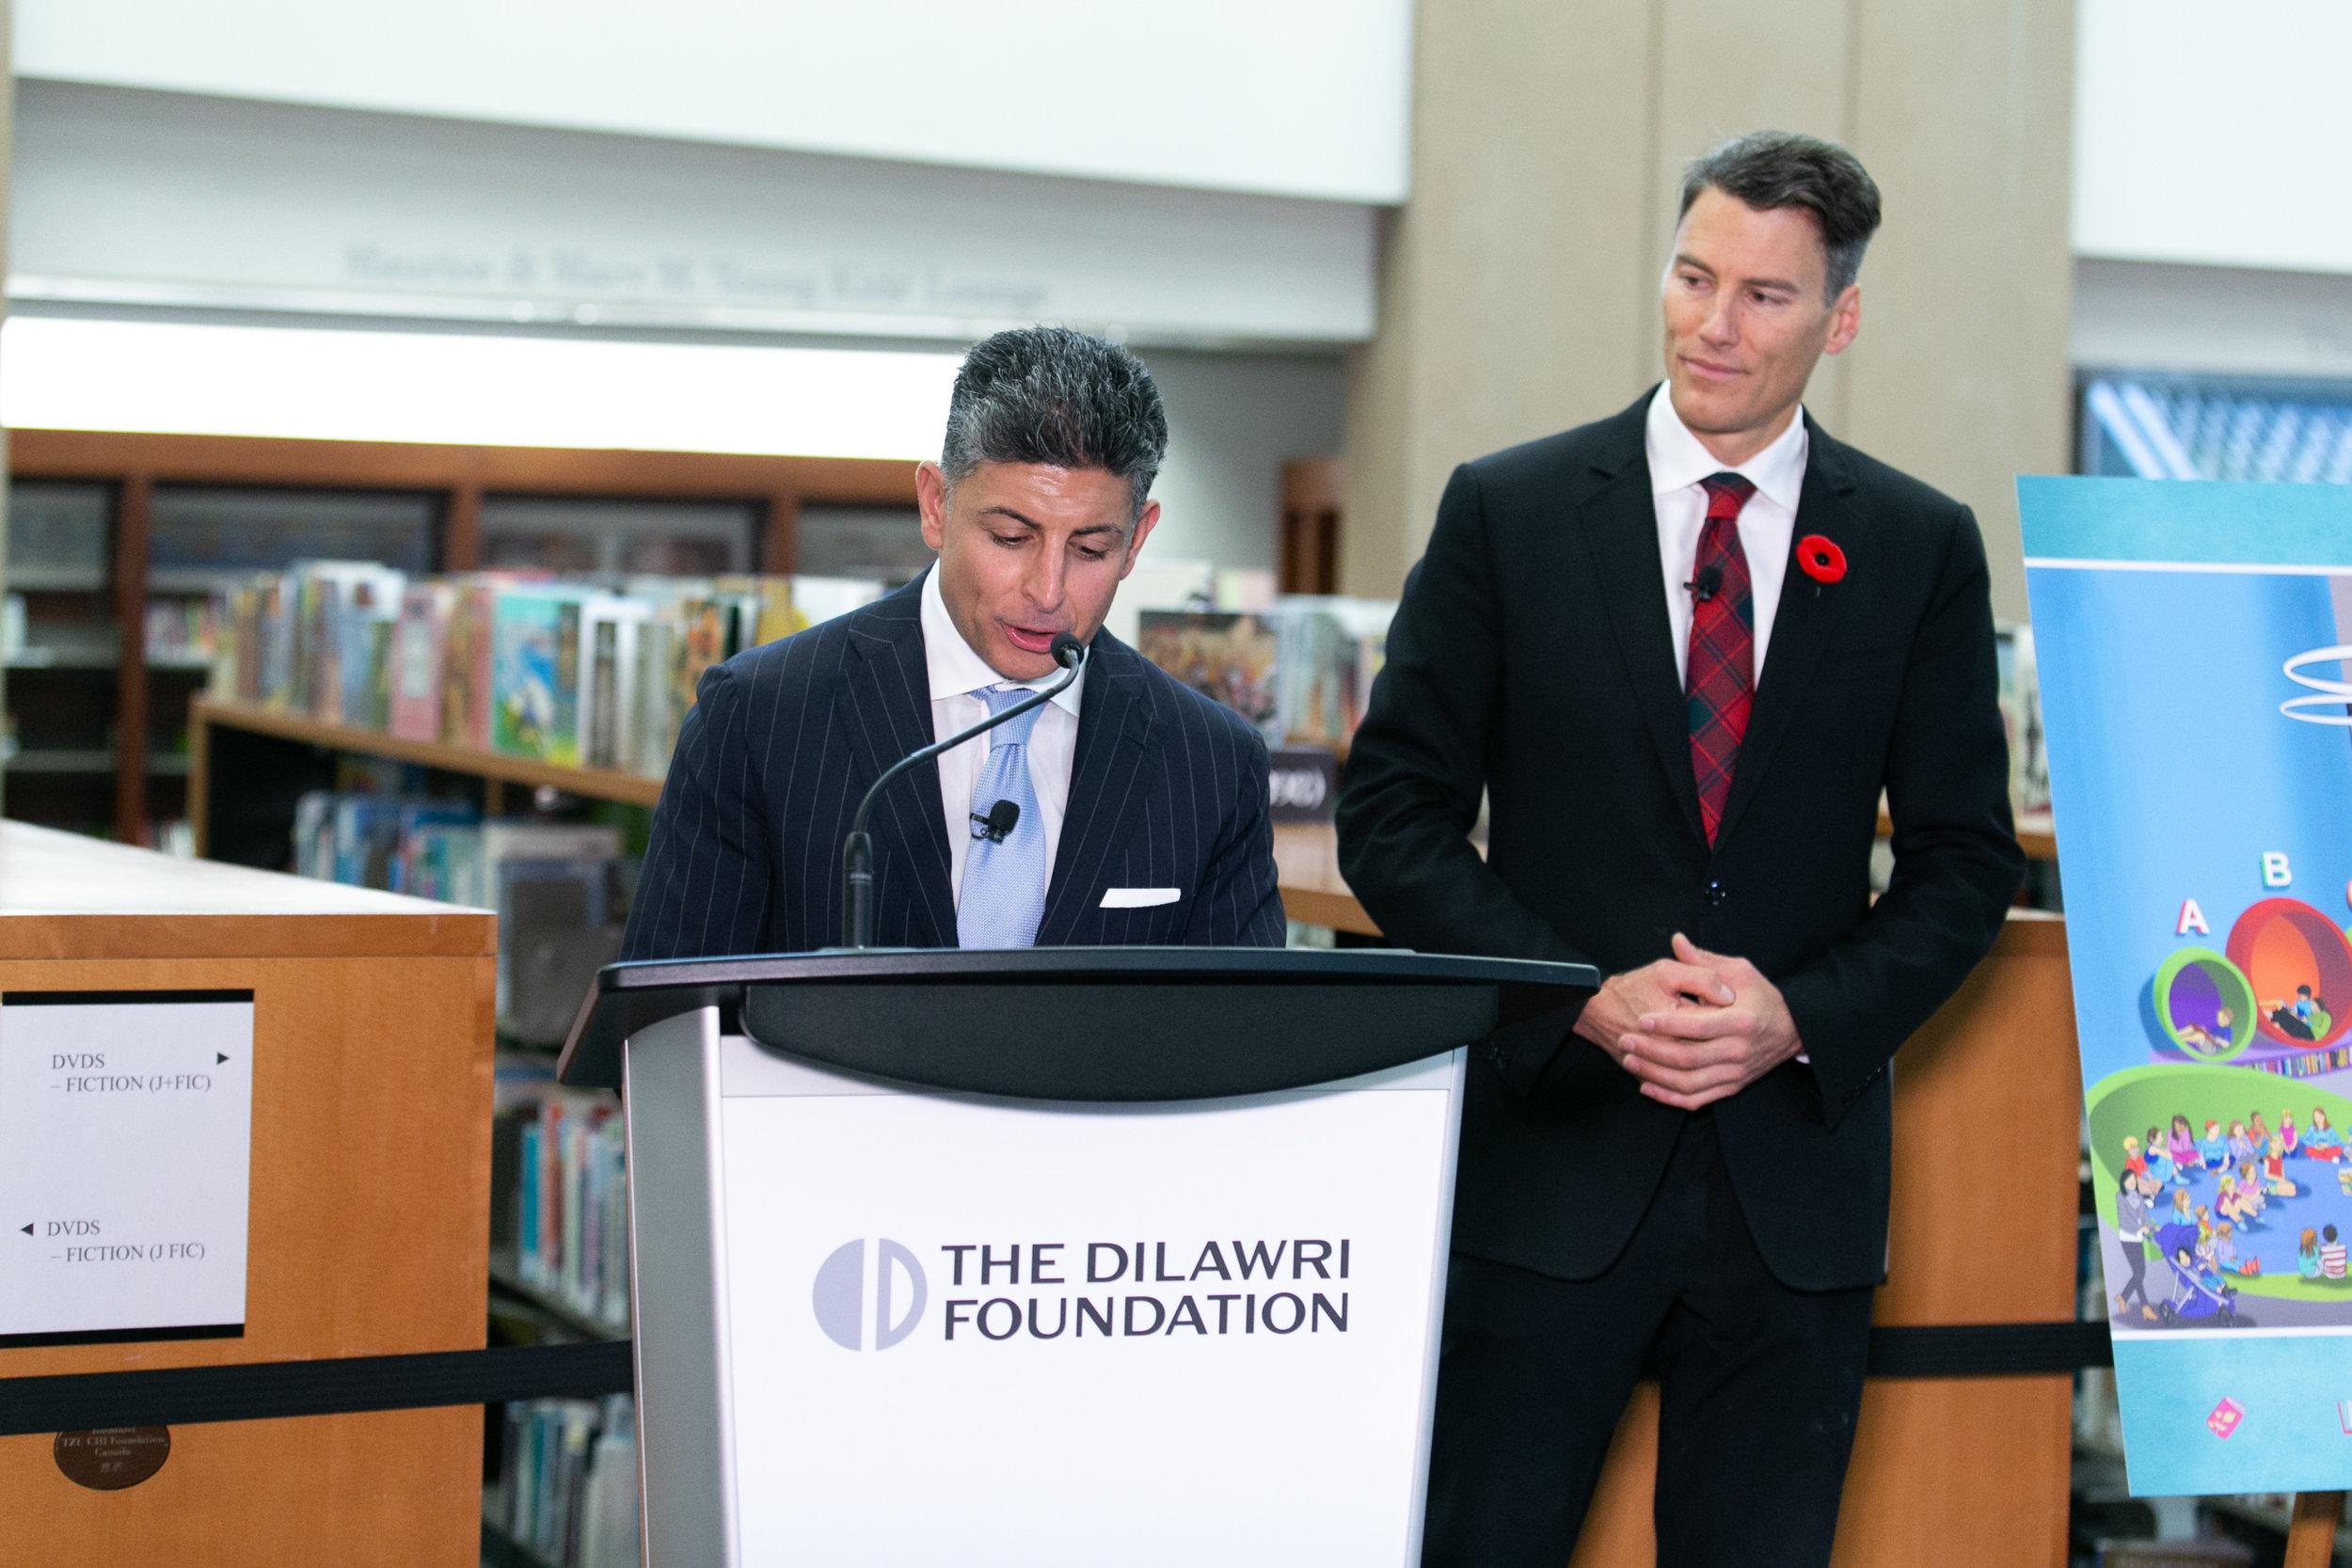 Dilawri Foundation and VPL Announcement-45.jpg